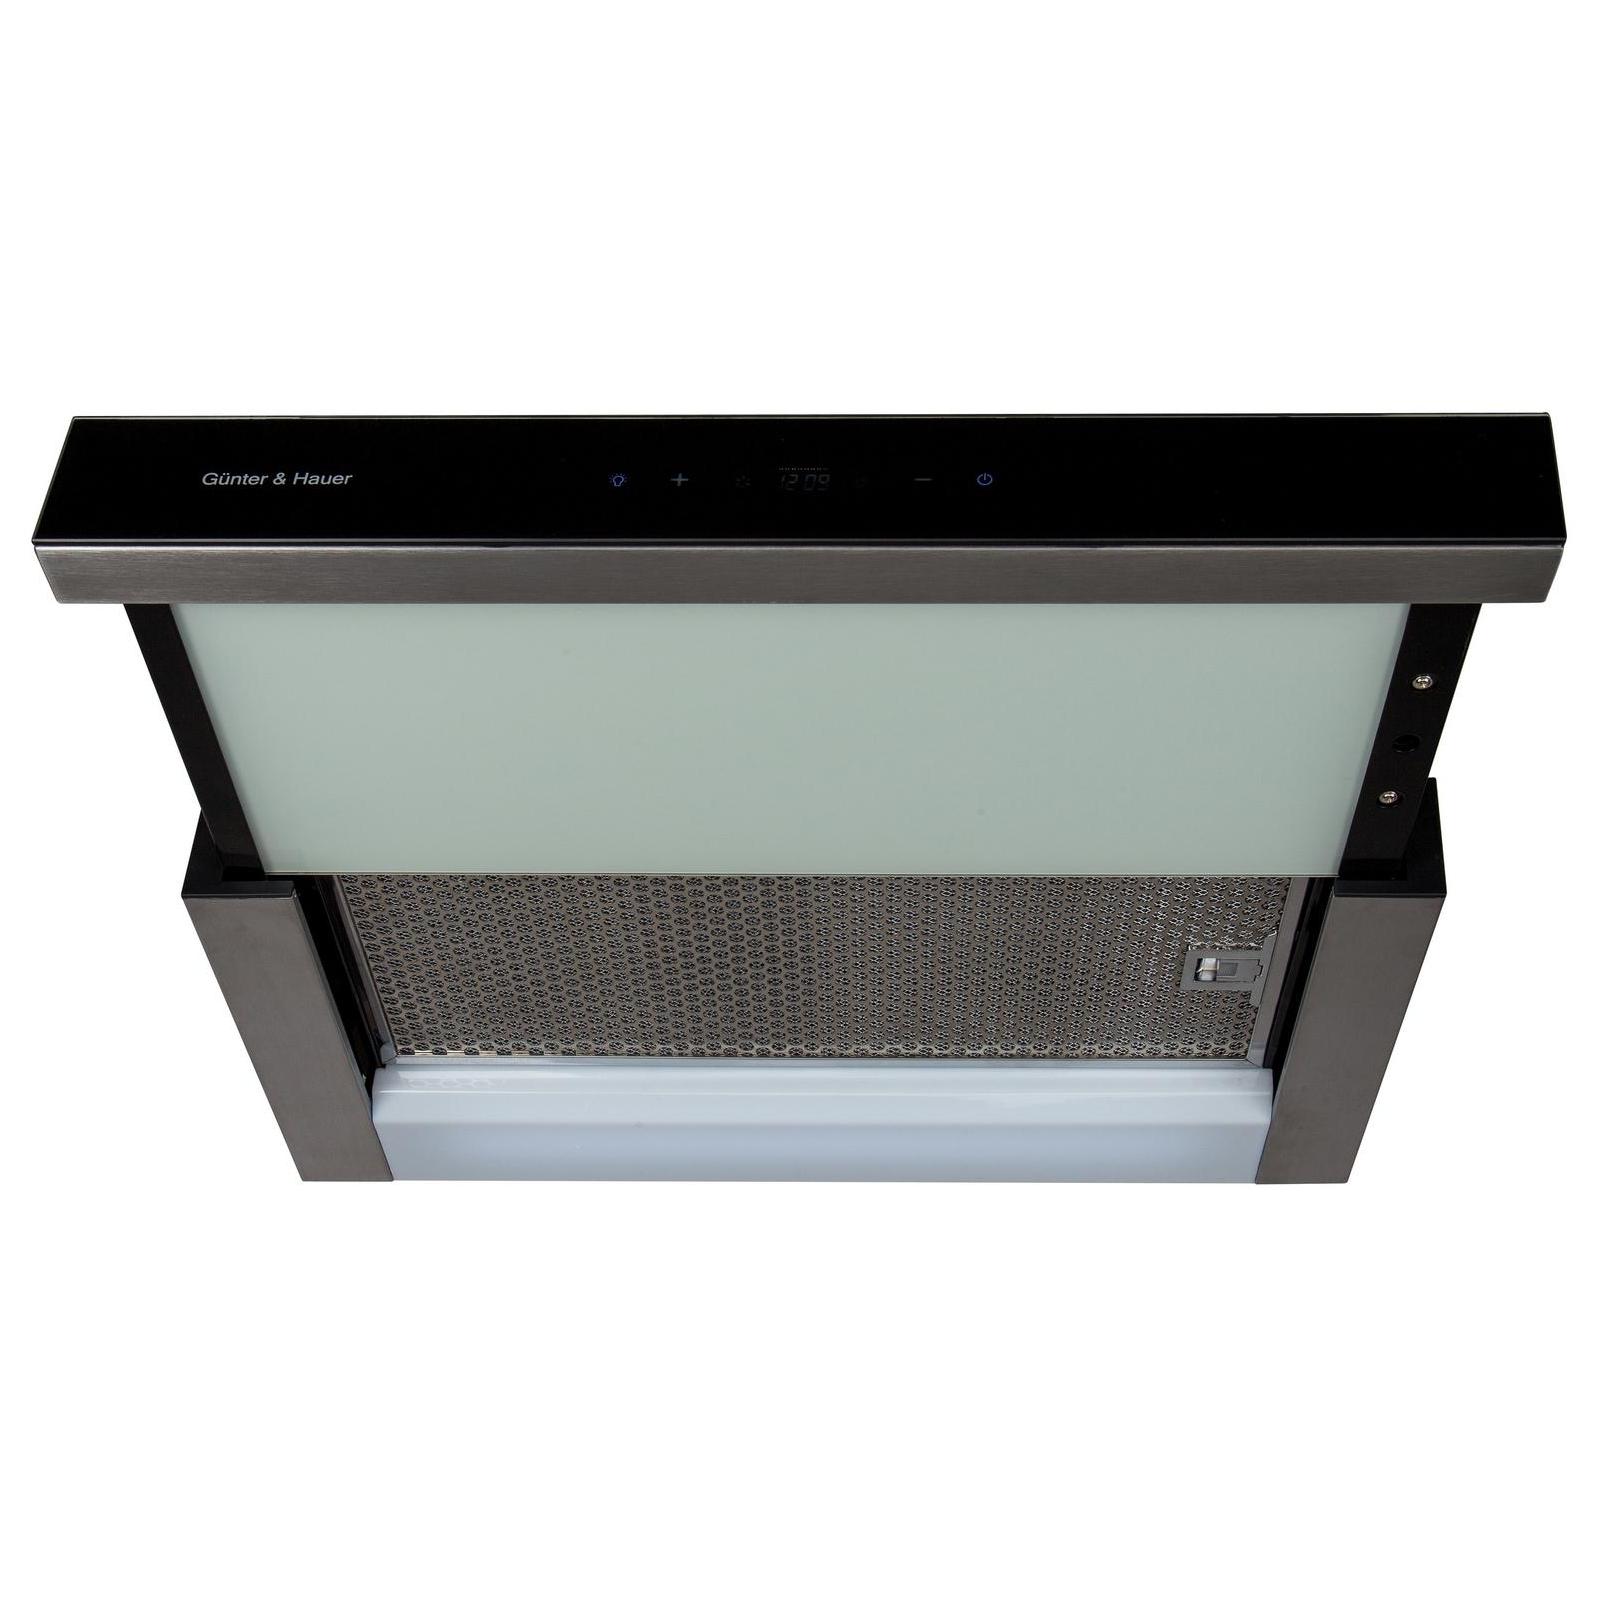 Вытяжка кухонная GUNTER&HAUER AGNA 600 GL изображение 4